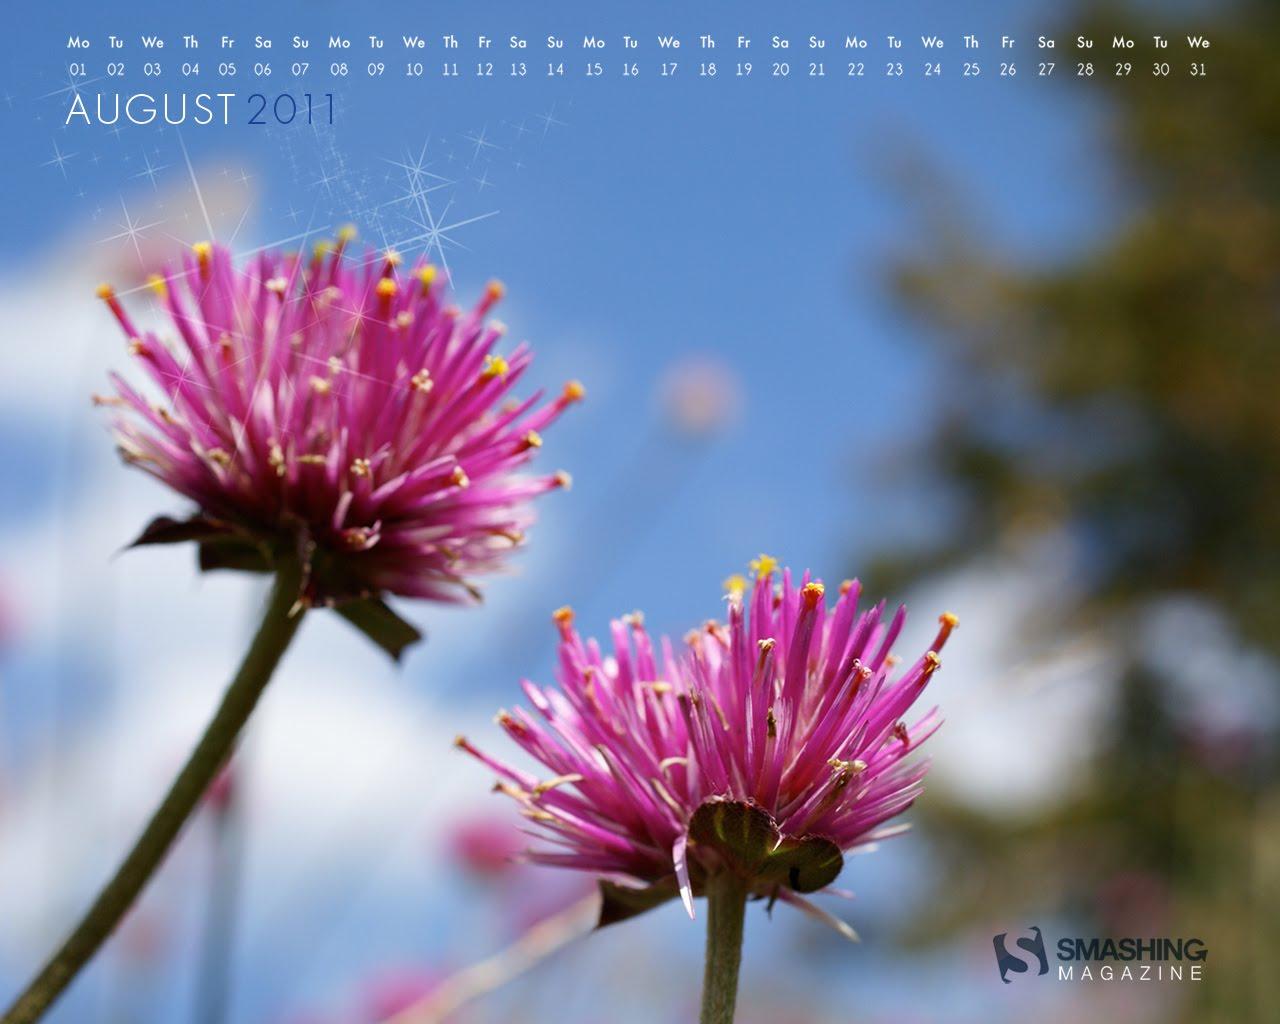 http://2.bp.blogspot.com/-ZpFAb-iw8D4/Tji_mWo-RZI/AAAAAAAAwYQ/nSsCByGbuzc/s1600/august-11-pink_flowers__73-calendar-1280x1024.jpg